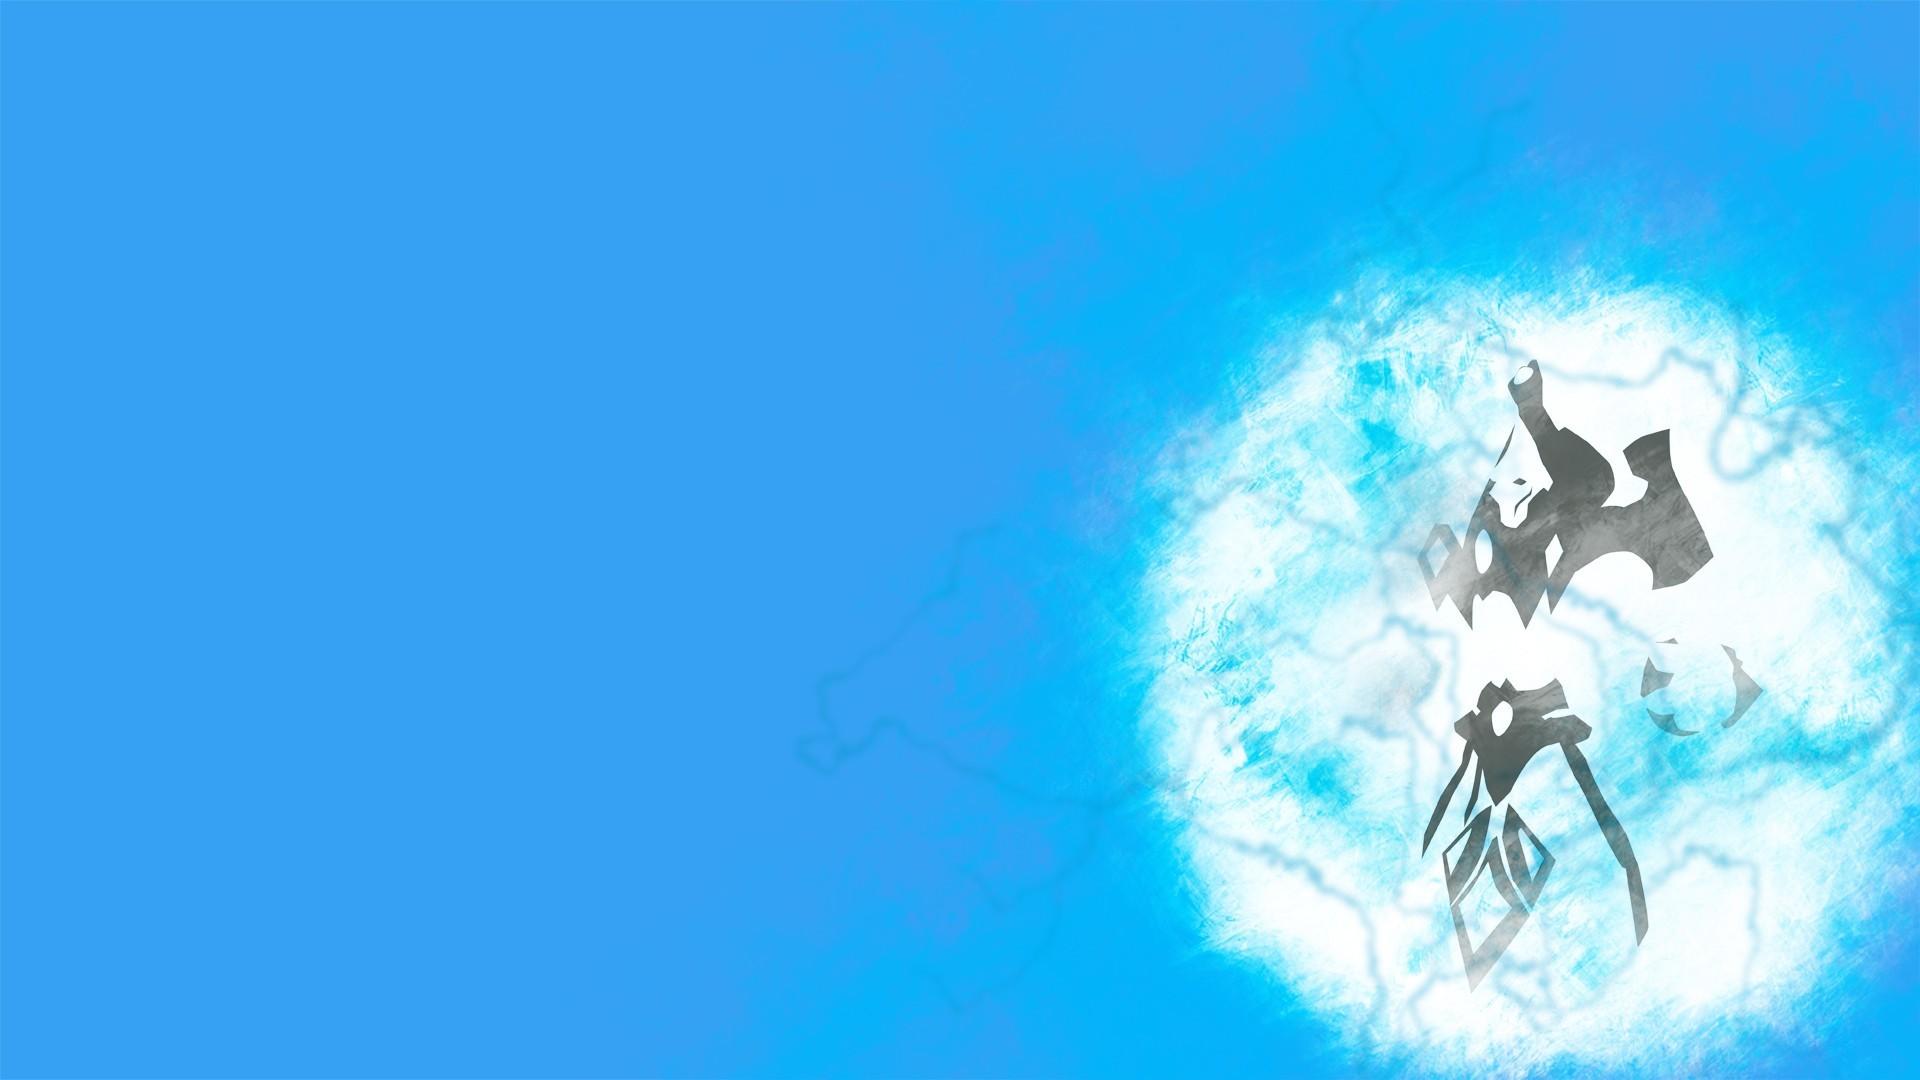 Download StarCraft Protoss Wallpaper 1920×1080